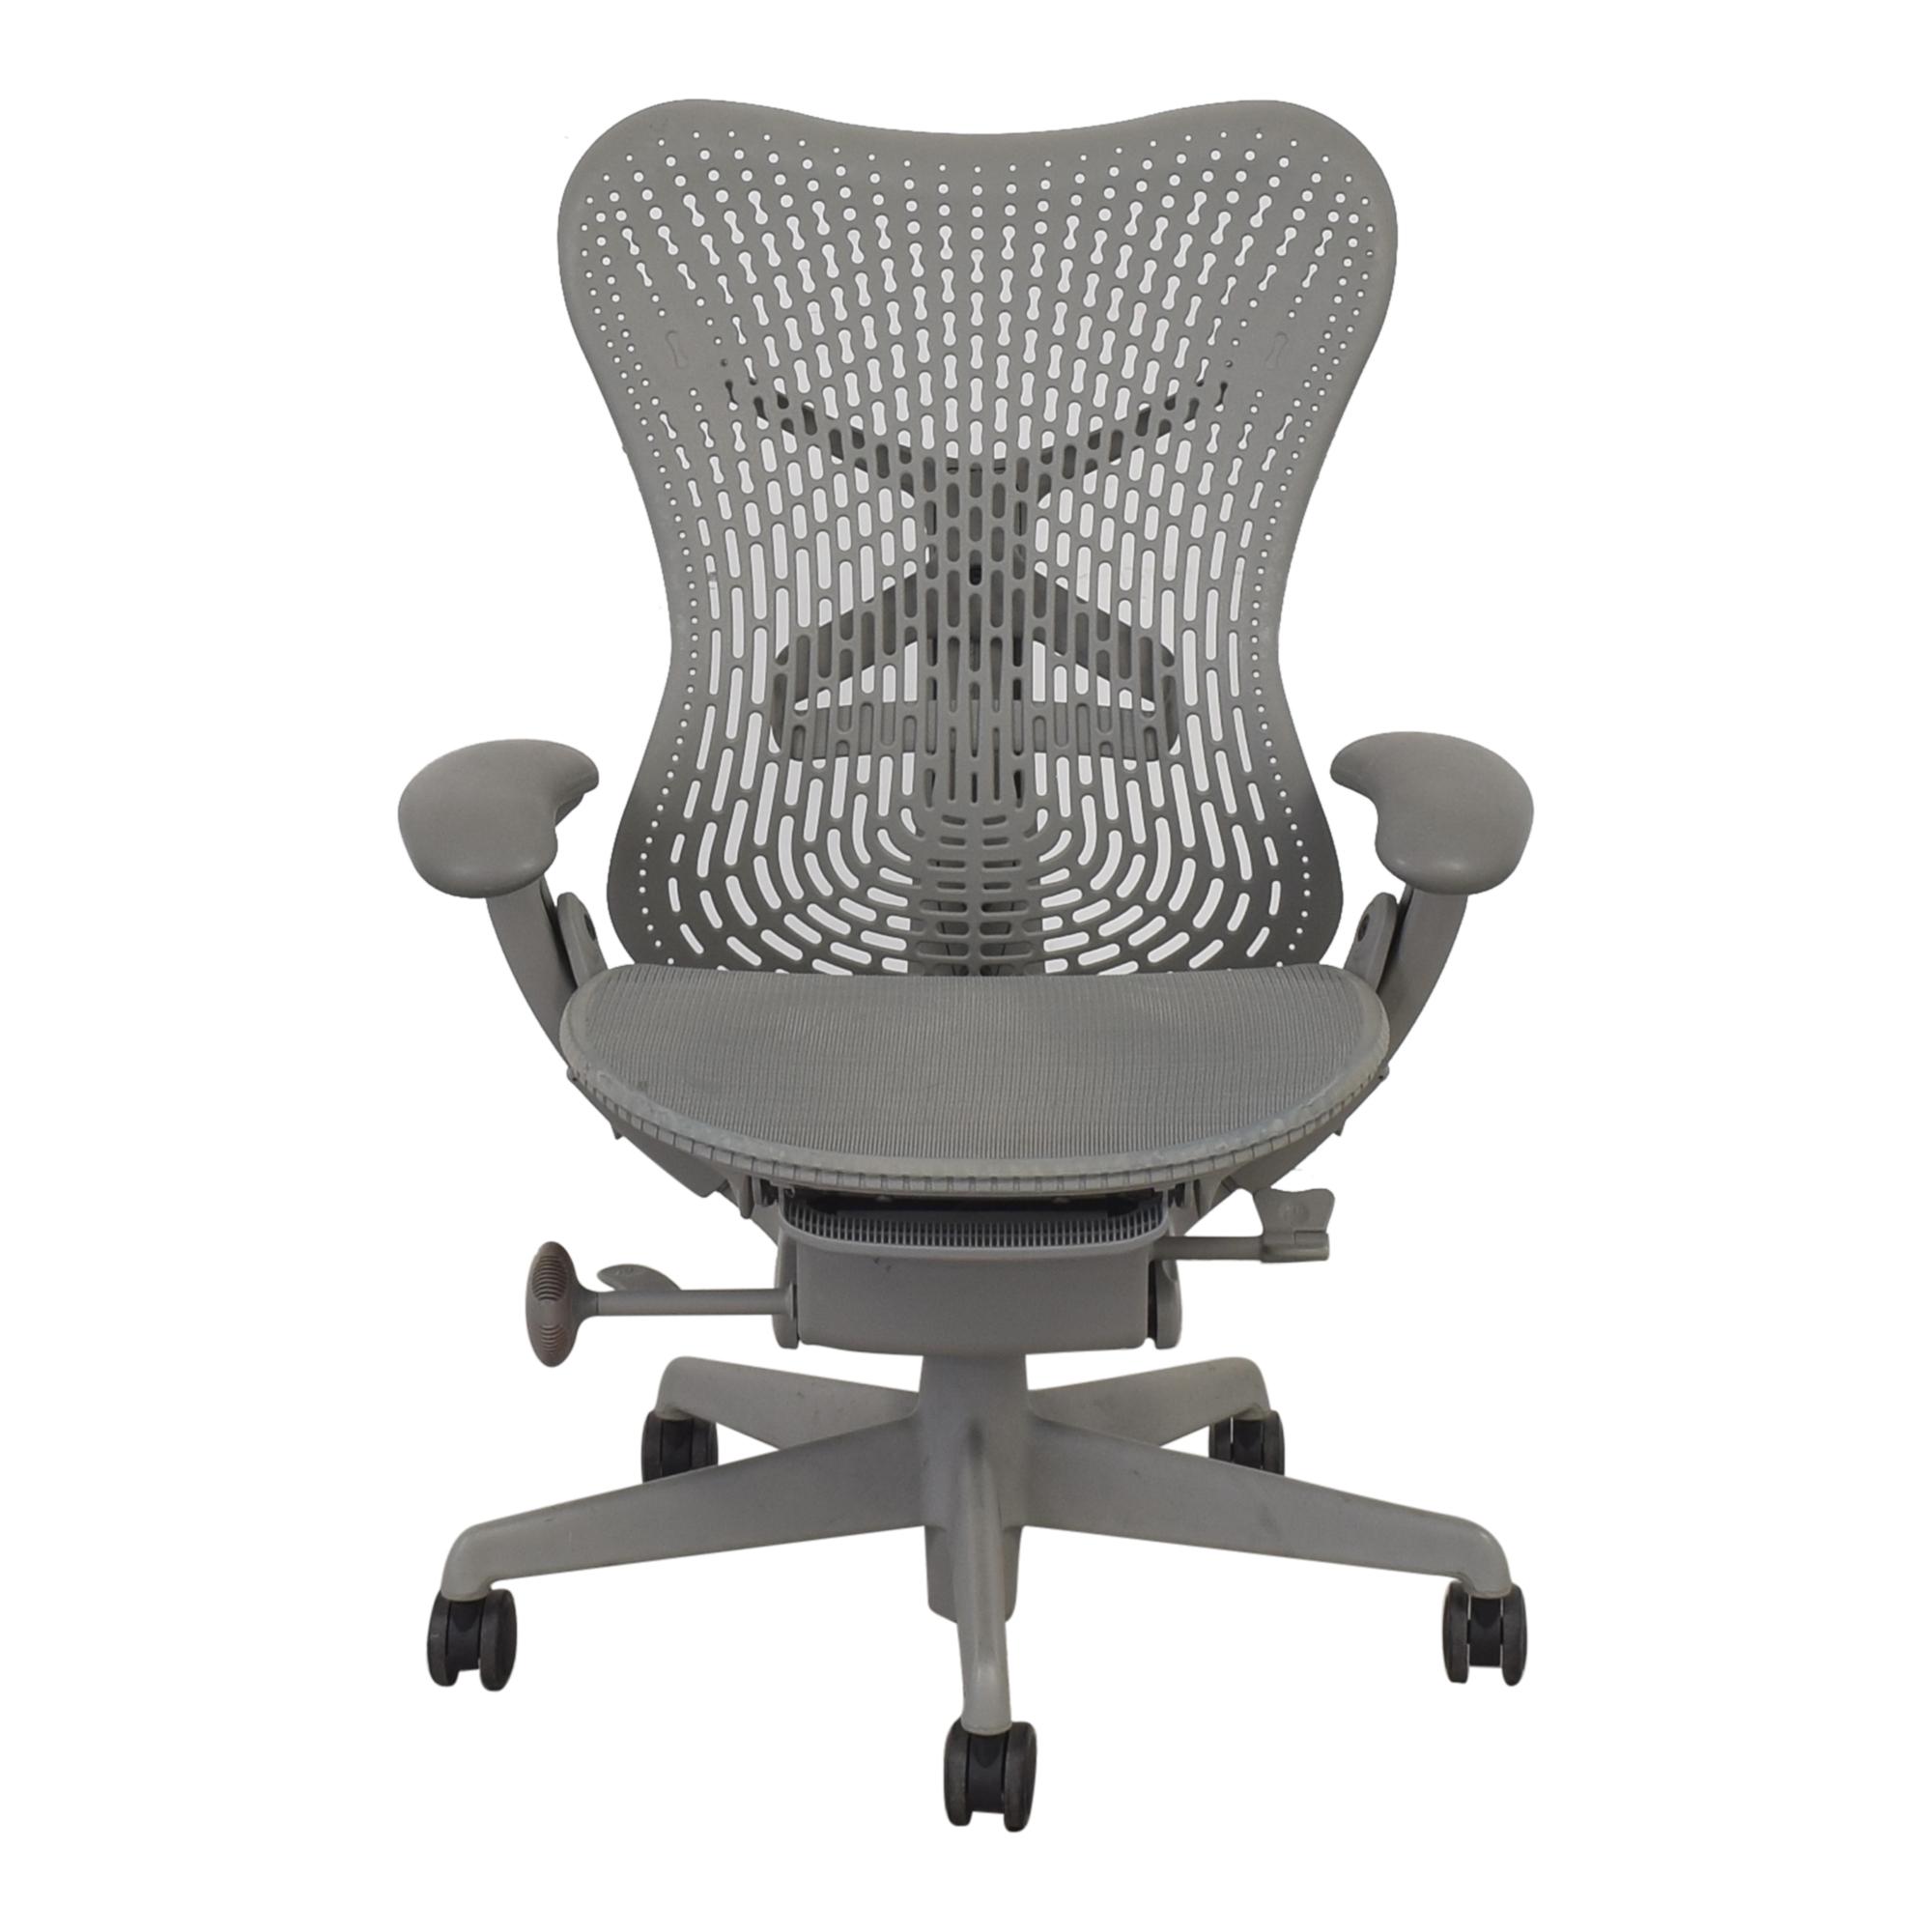 Herman Miller Herman Miller Mirra Chair discount